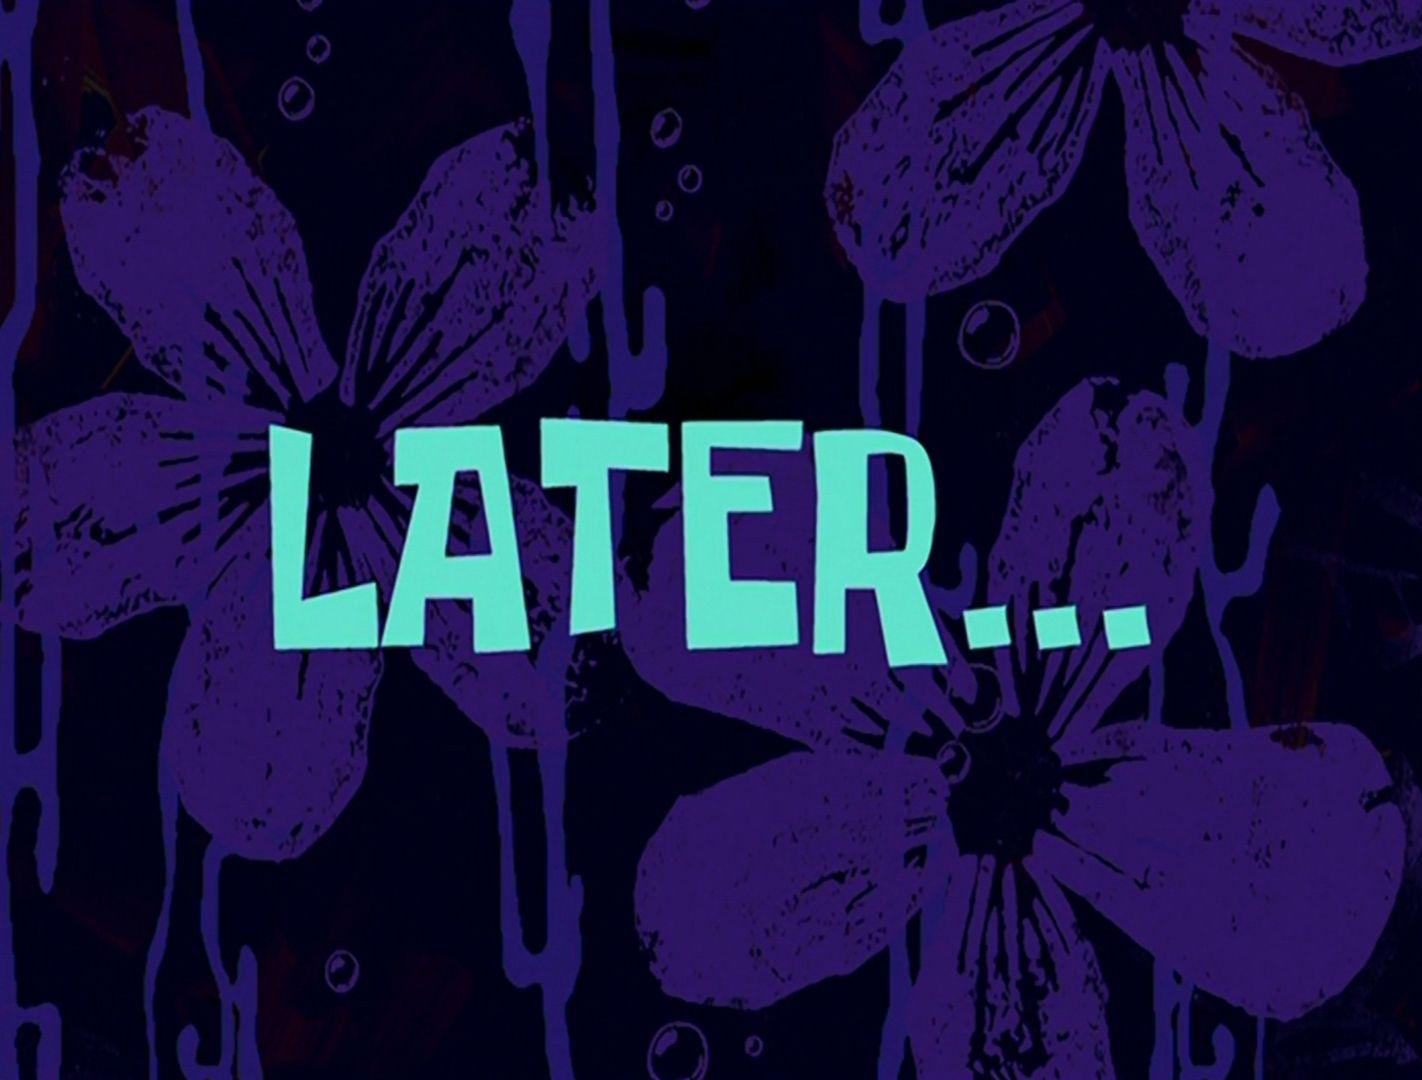 File:Later.jpg